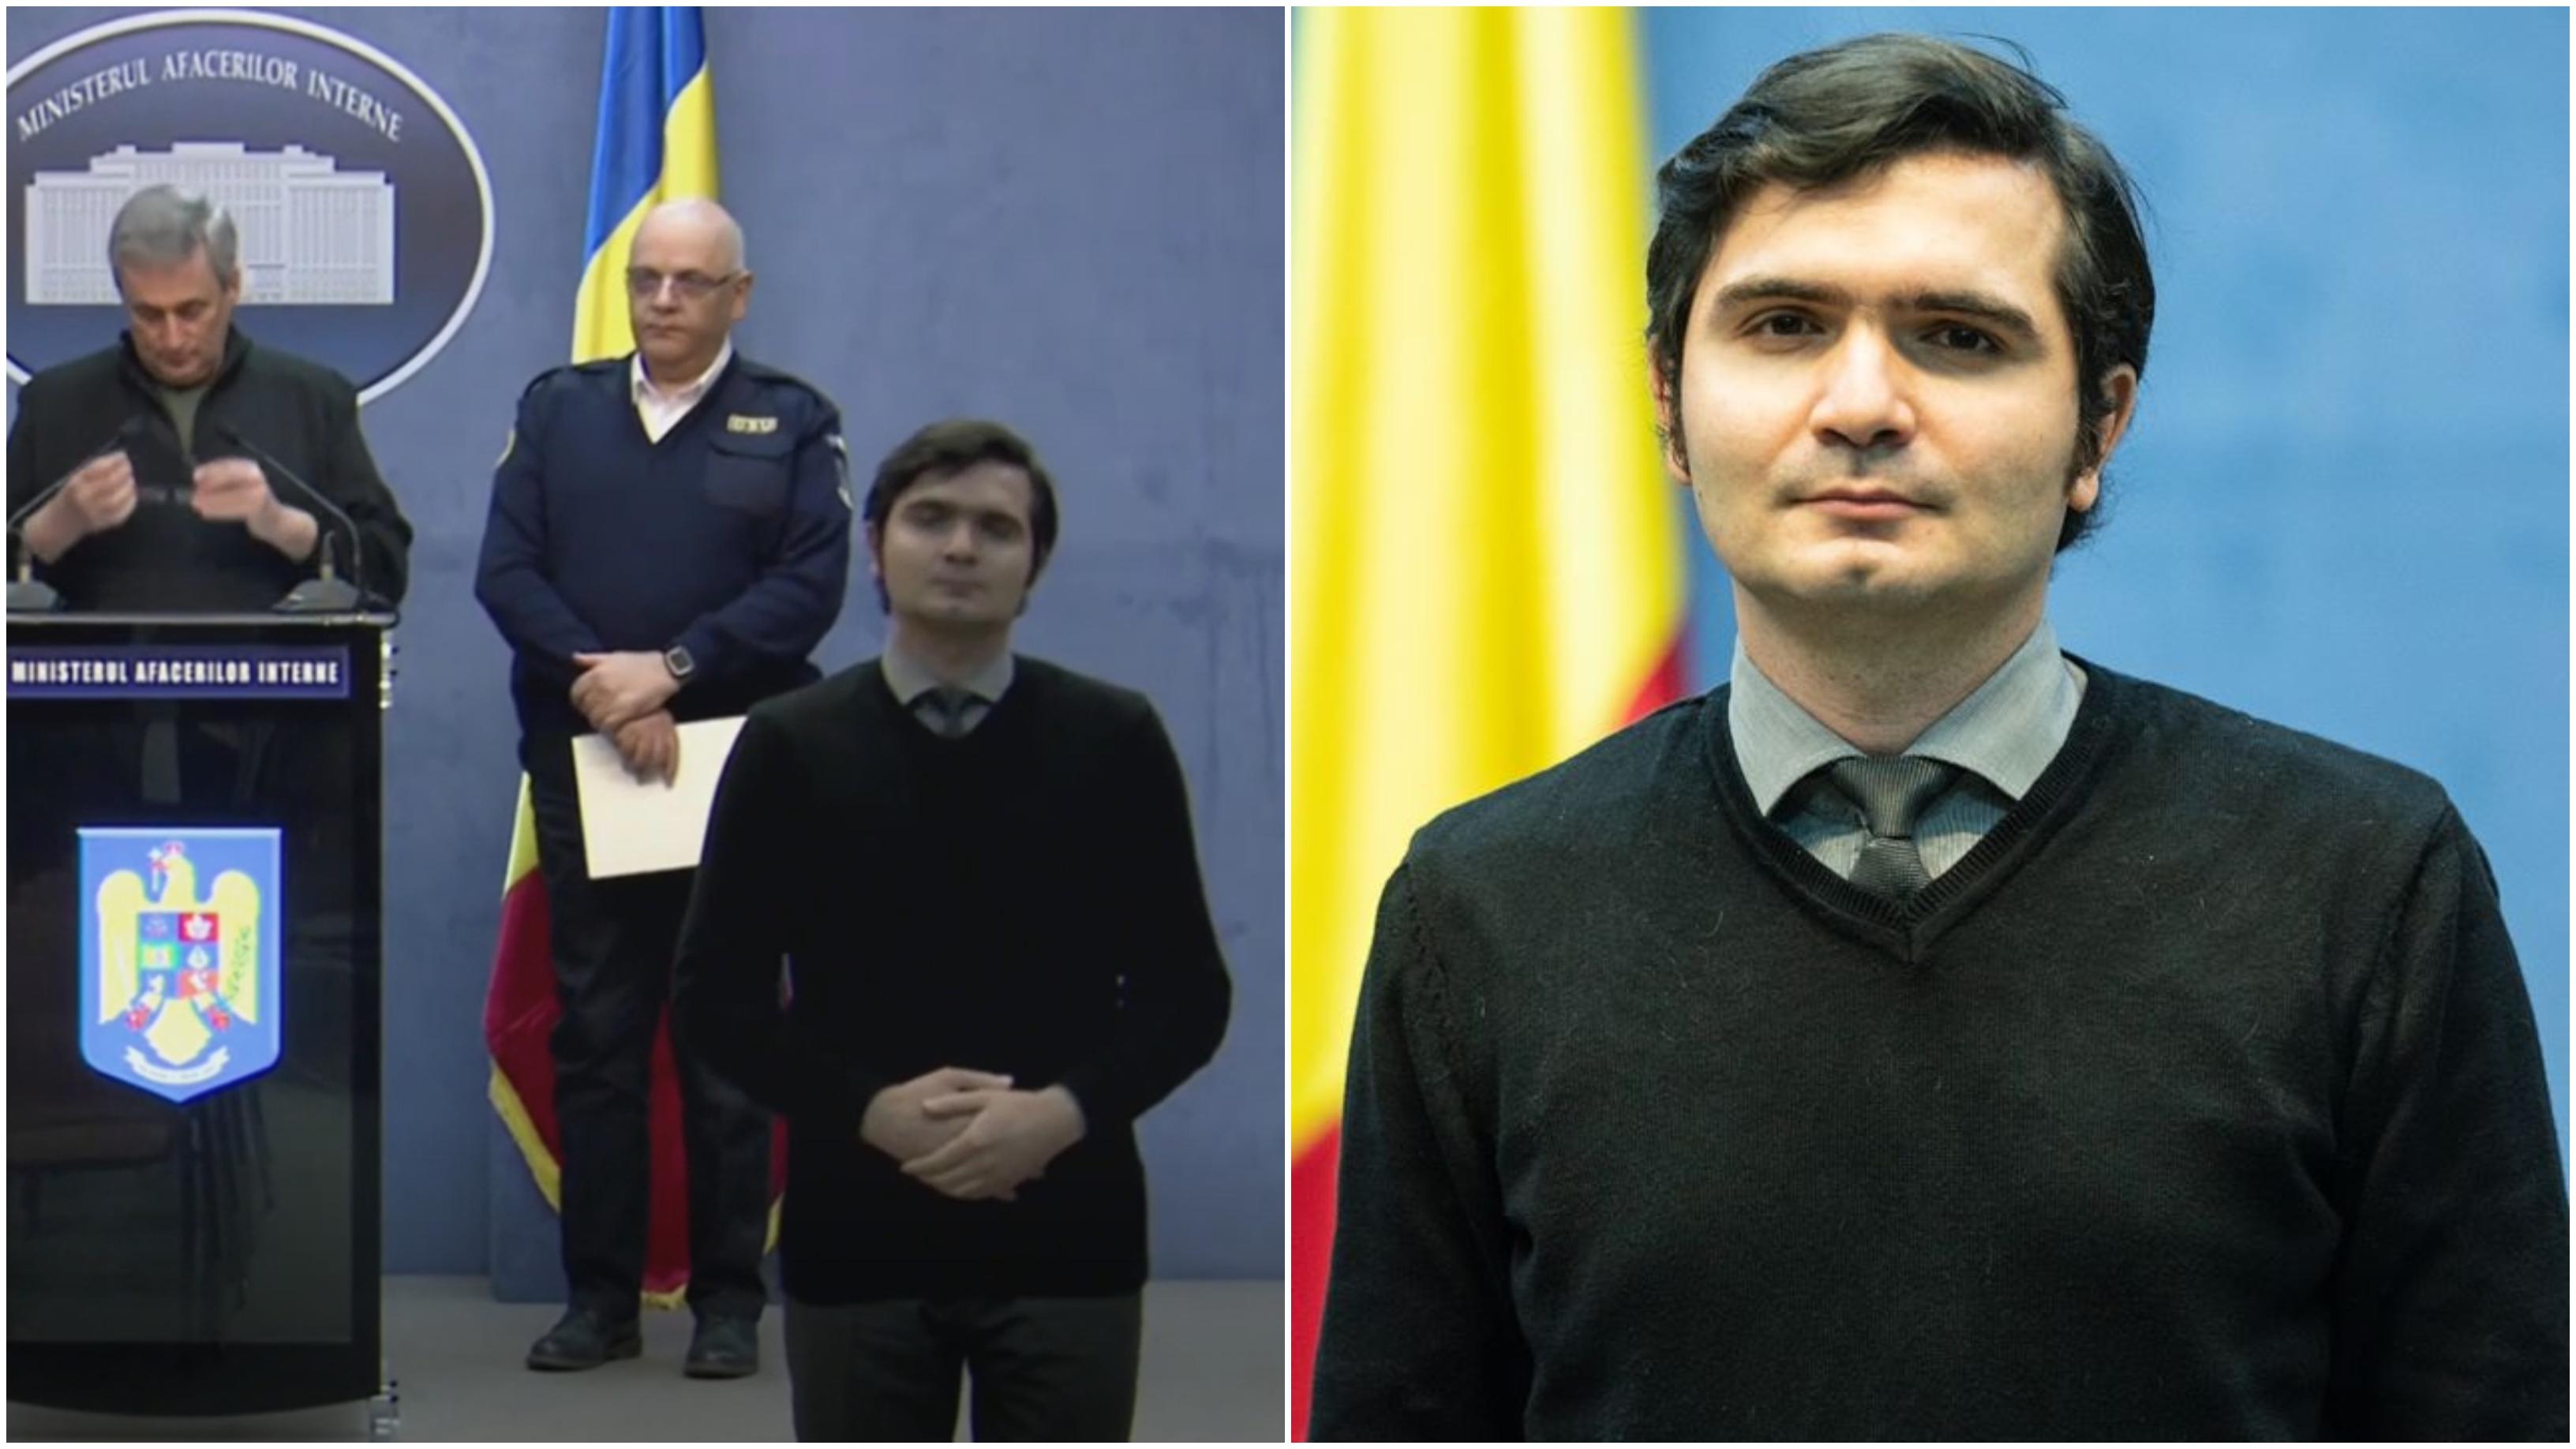 Cine Bogdan Anicescu, tânărul, care interpretează limbajul mimico-gestual în comunicările MAI